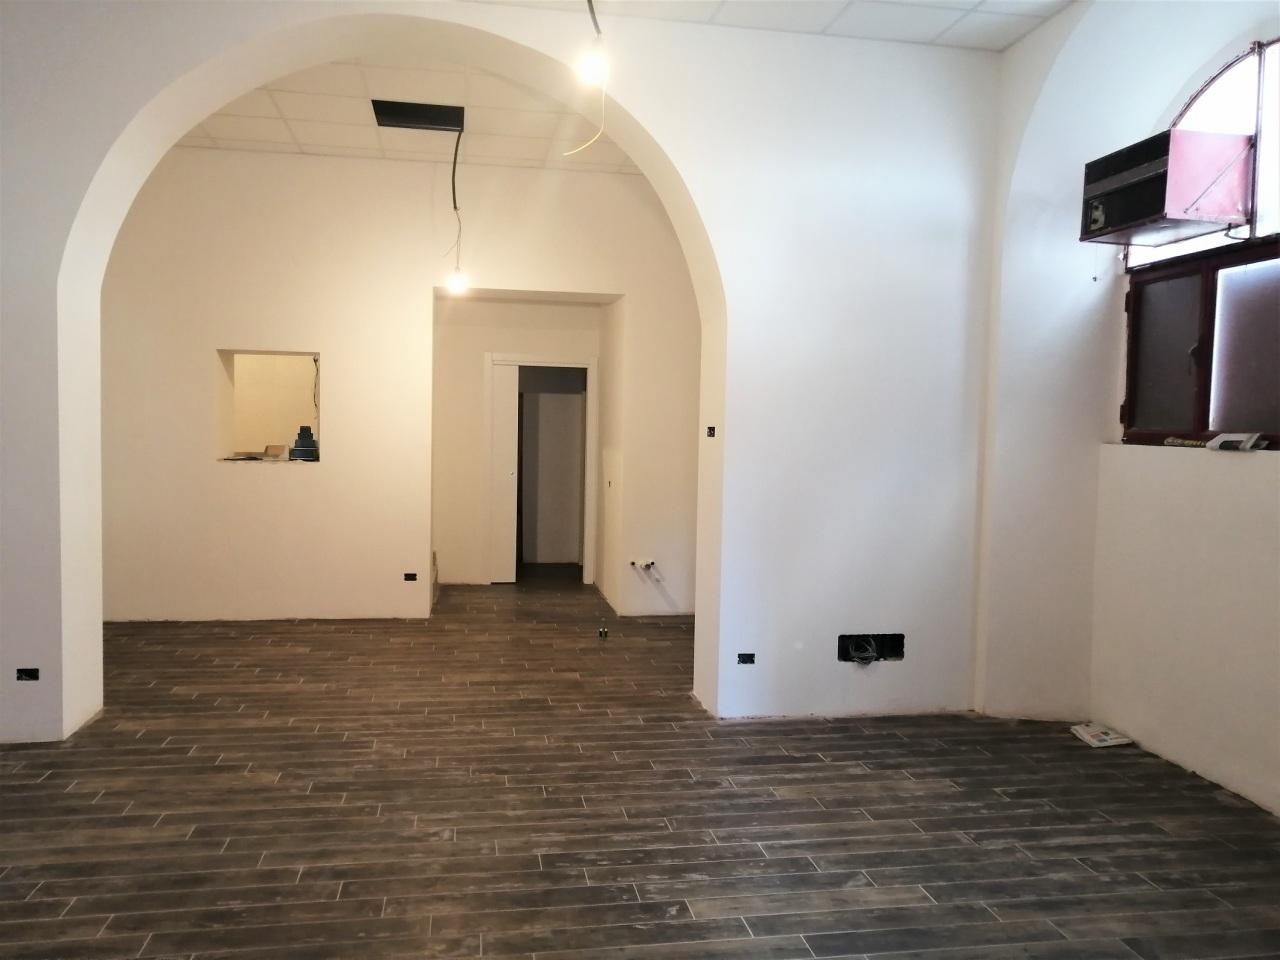 Locale commerciale - 2 Vetrine a Grottaferrata Rif. 12178309